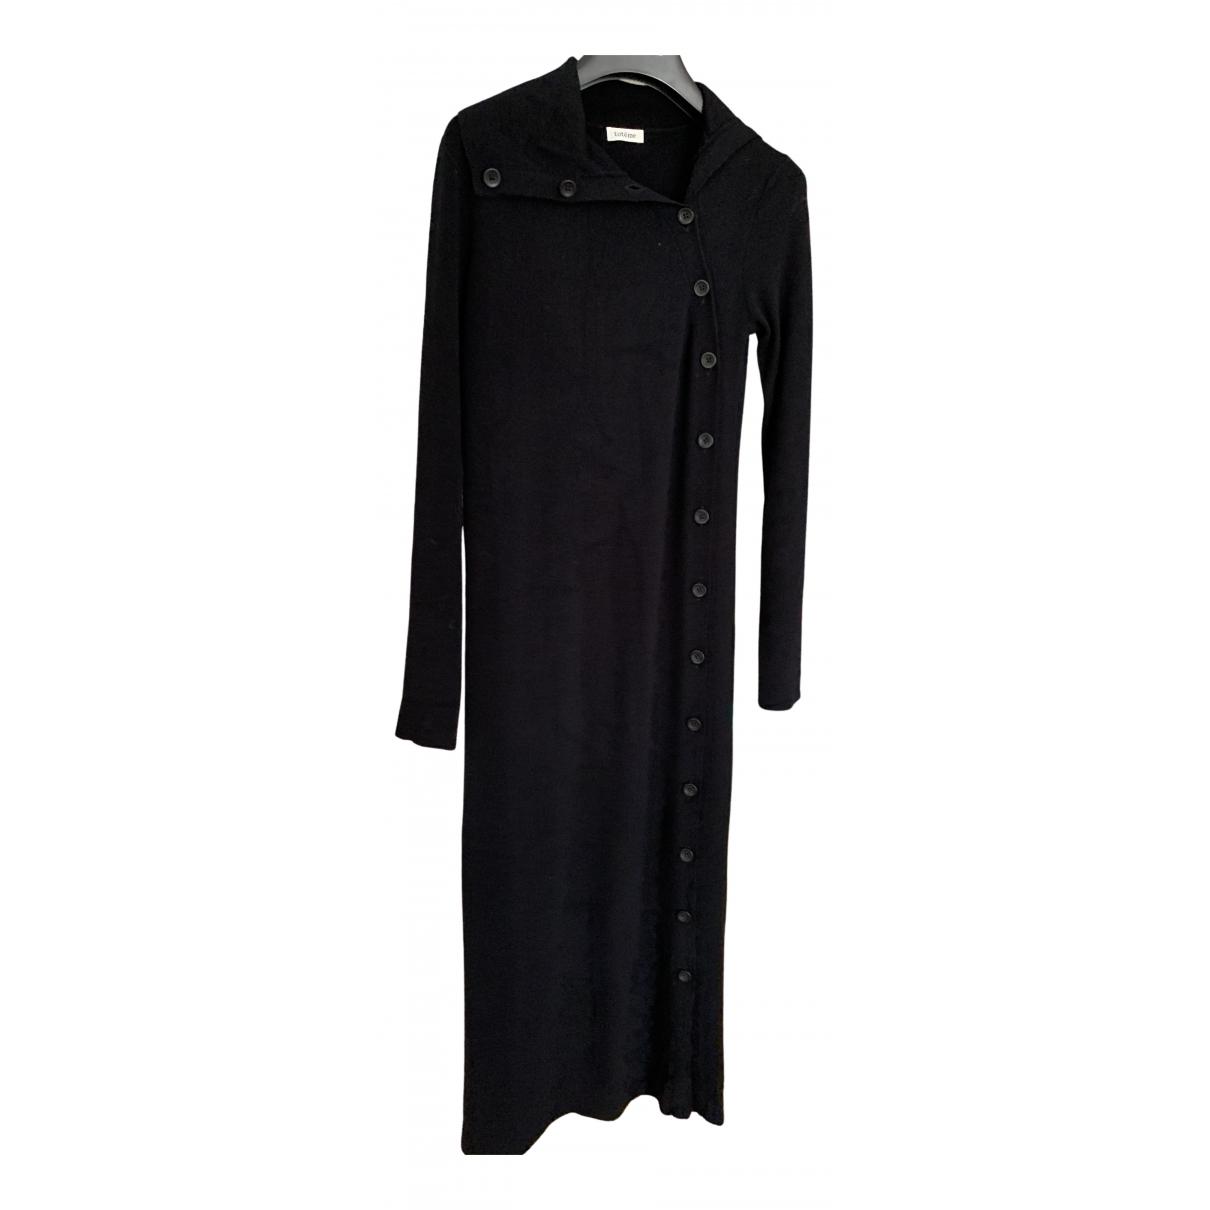 Toteme \N Kleid in  Schwarz Wolle